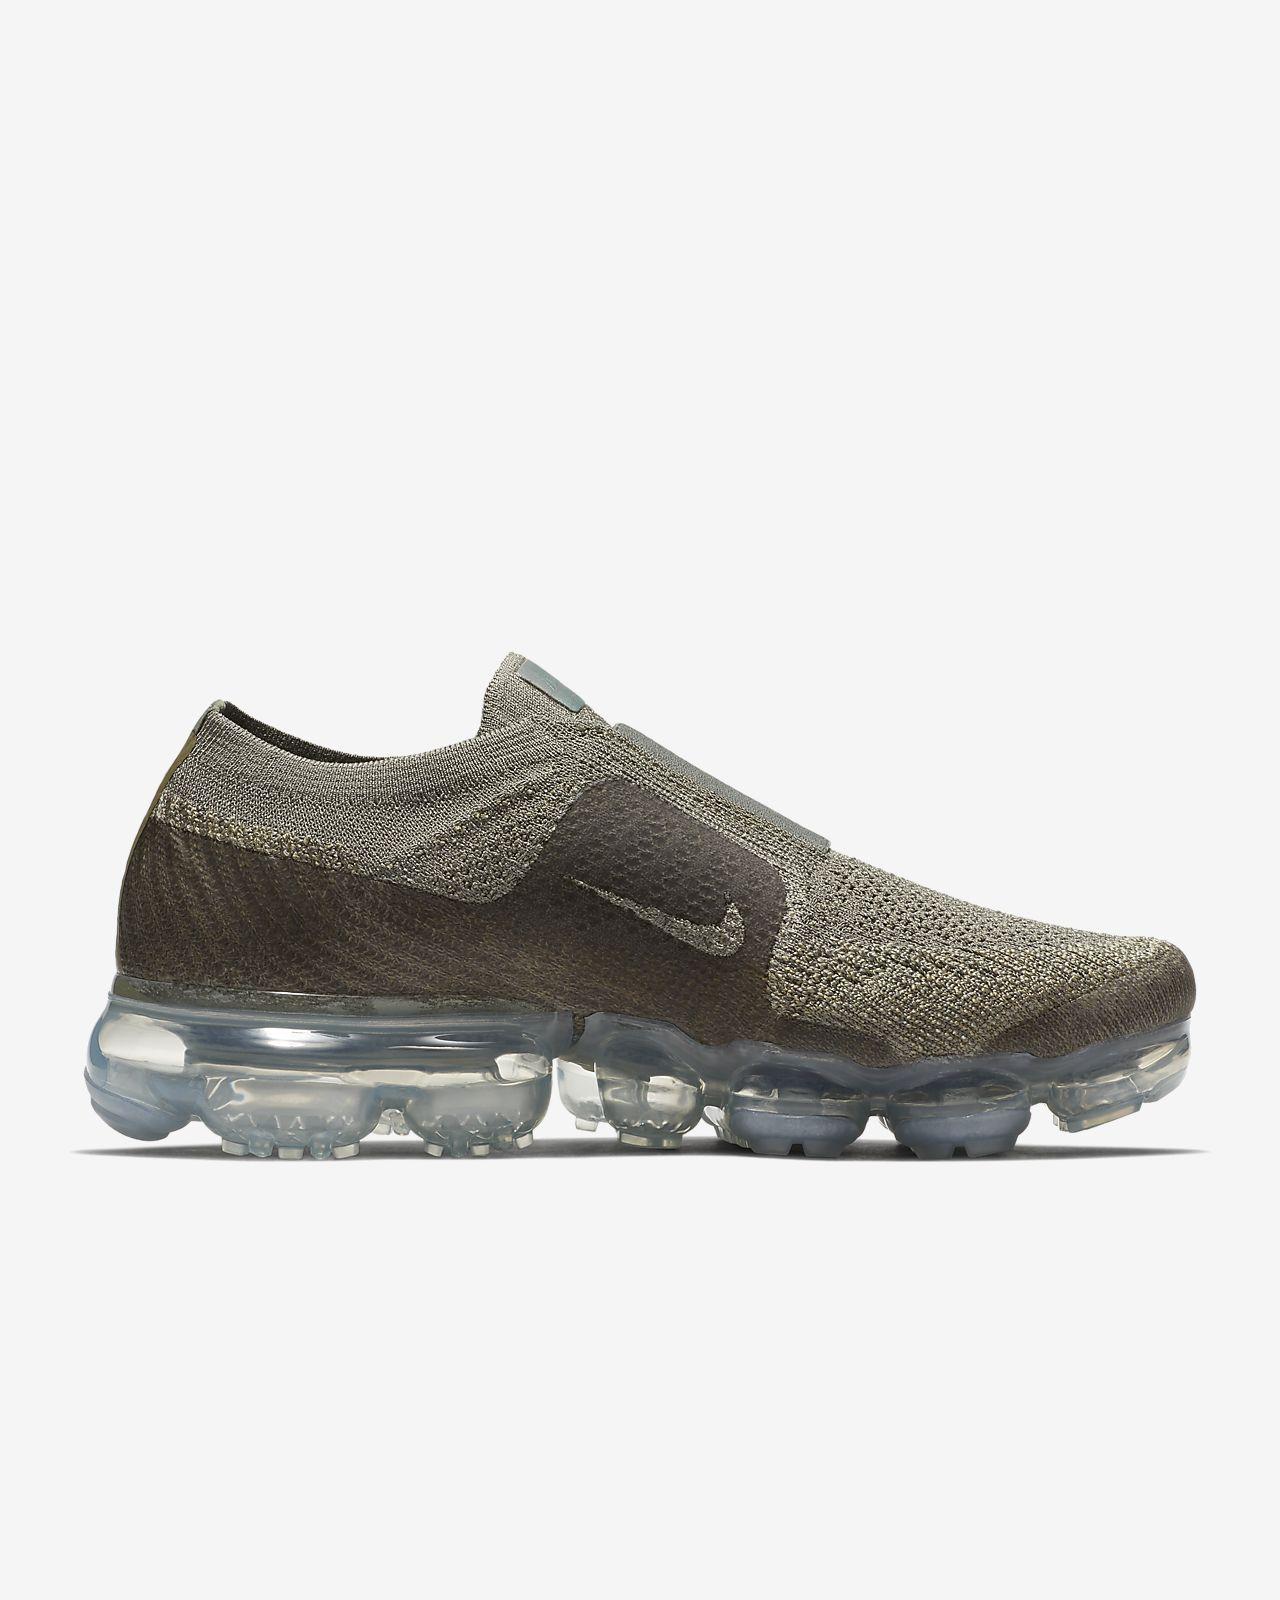 Air Vapormax Moc 2 Flyknit Slip-on Chaussures De Sport - Vert Nike UlIZ338t